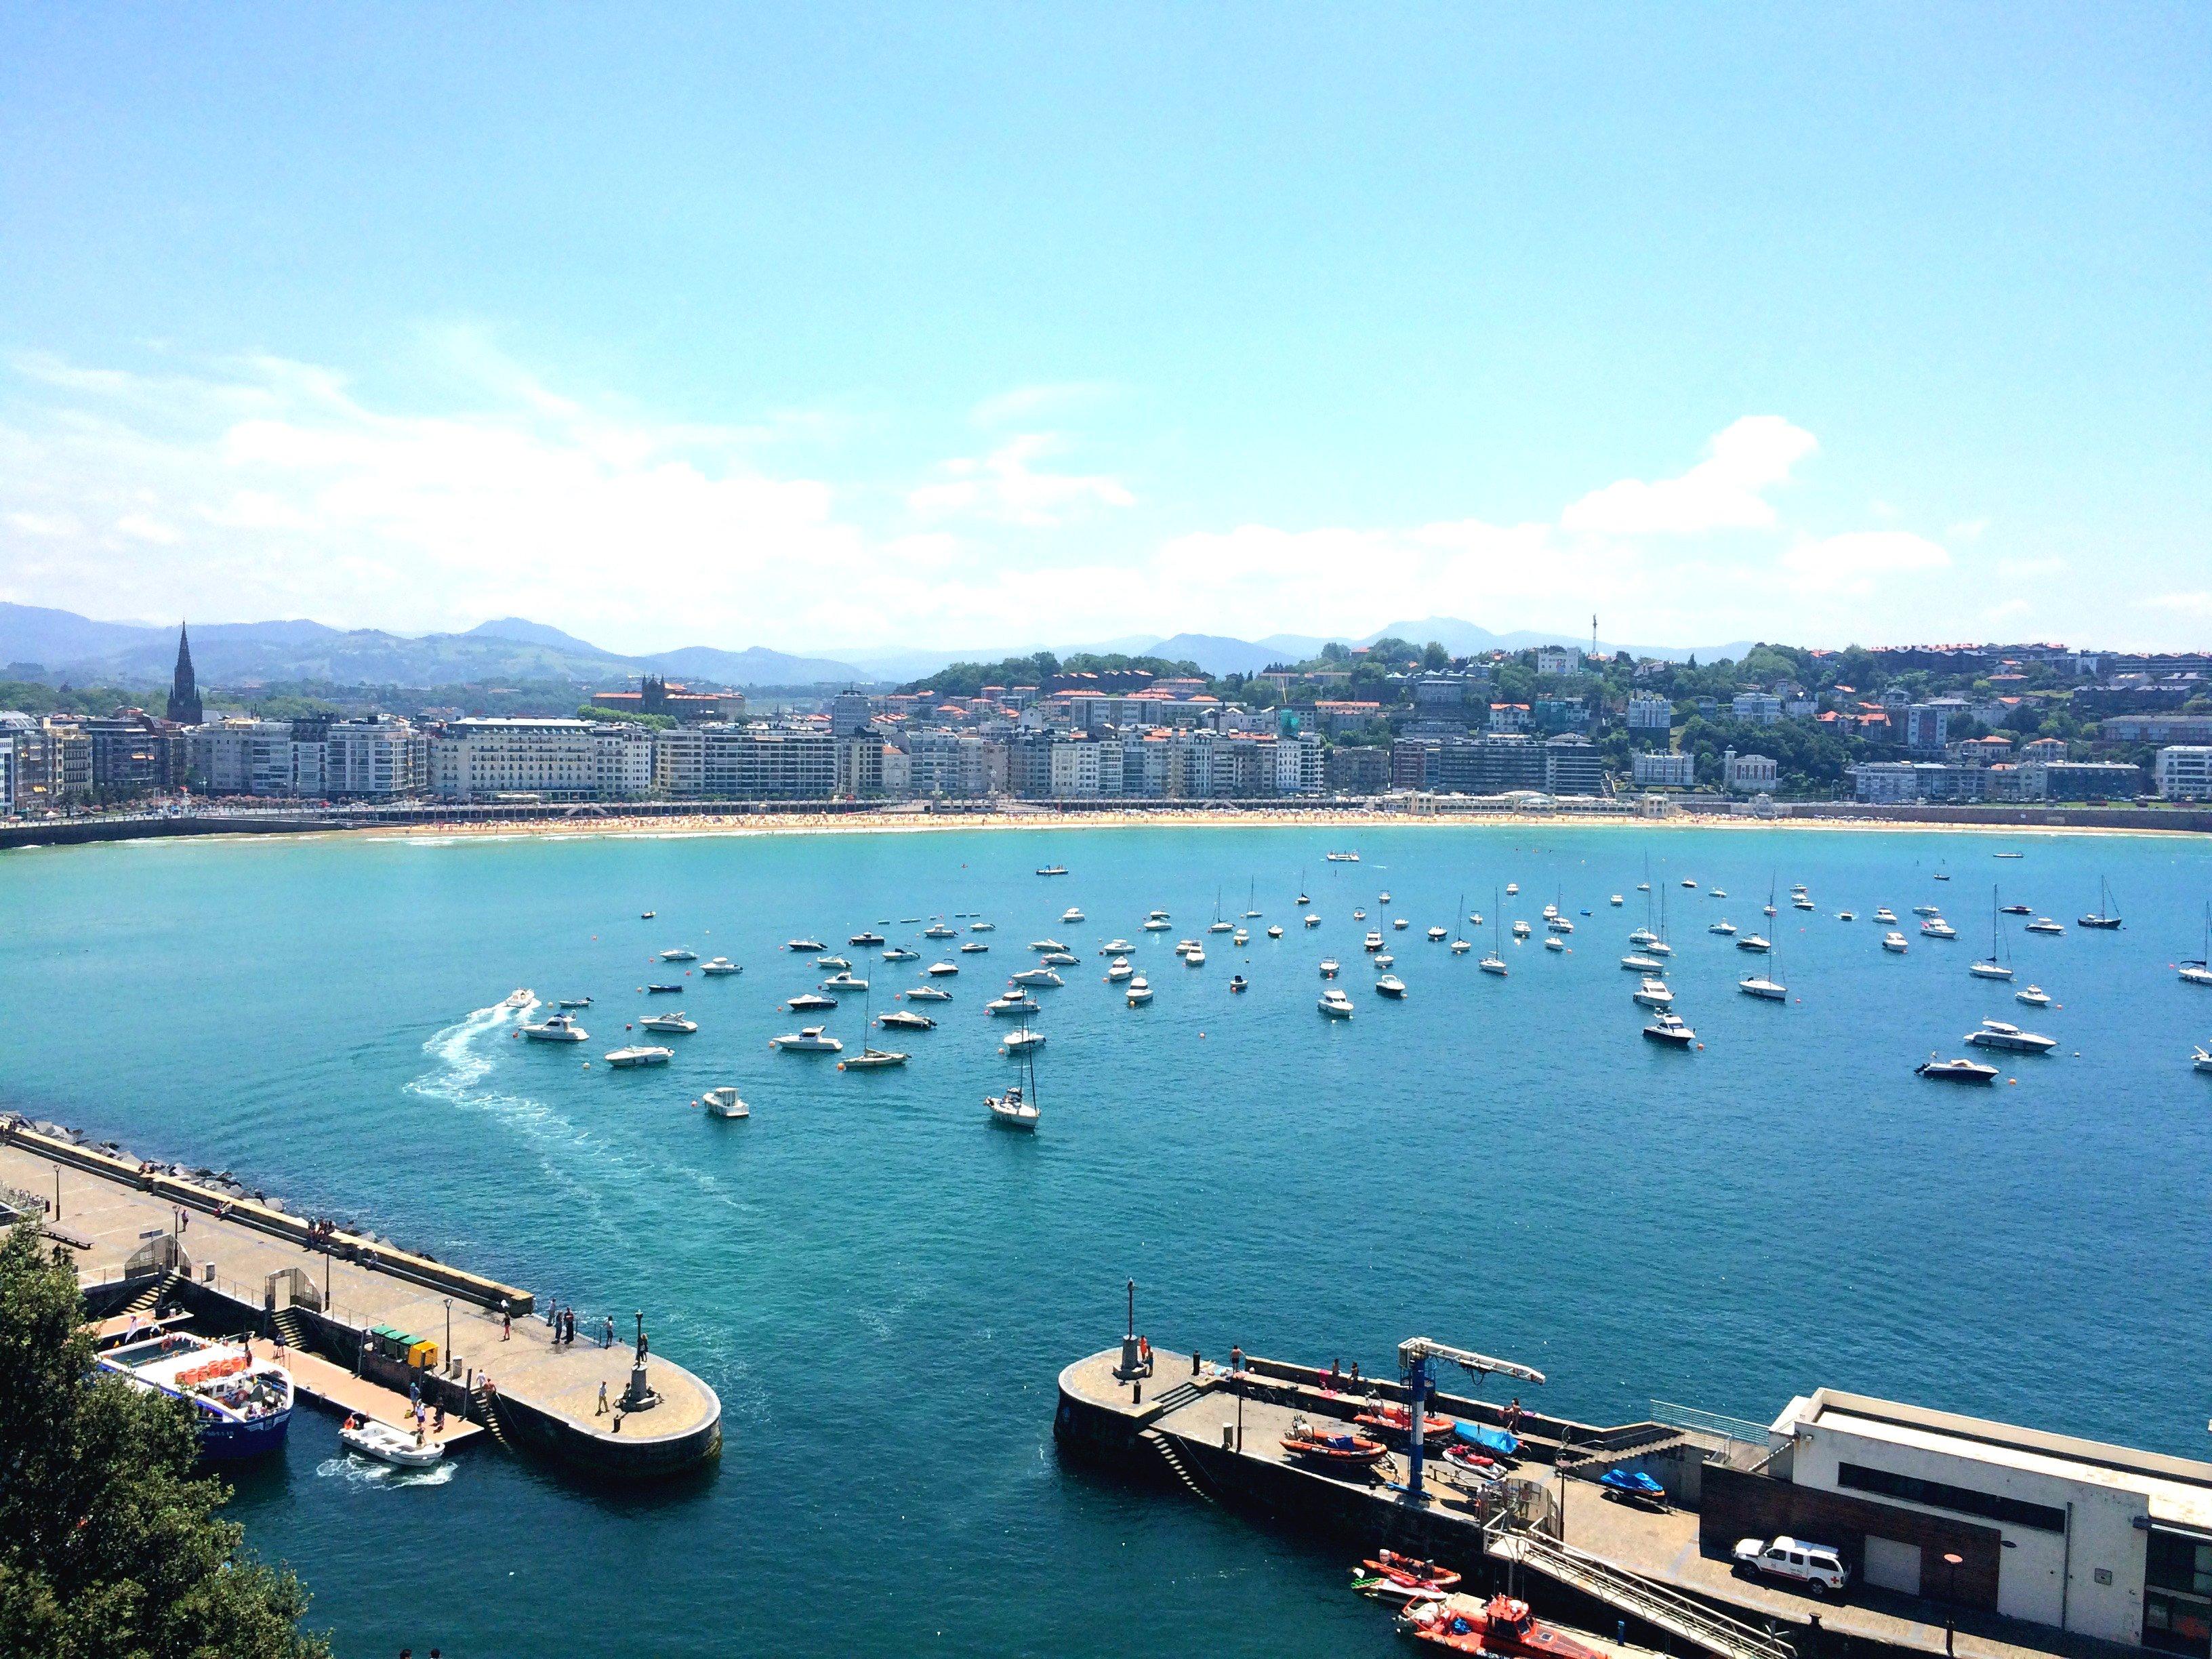 Kaunis merimaisema ja paljon veneita